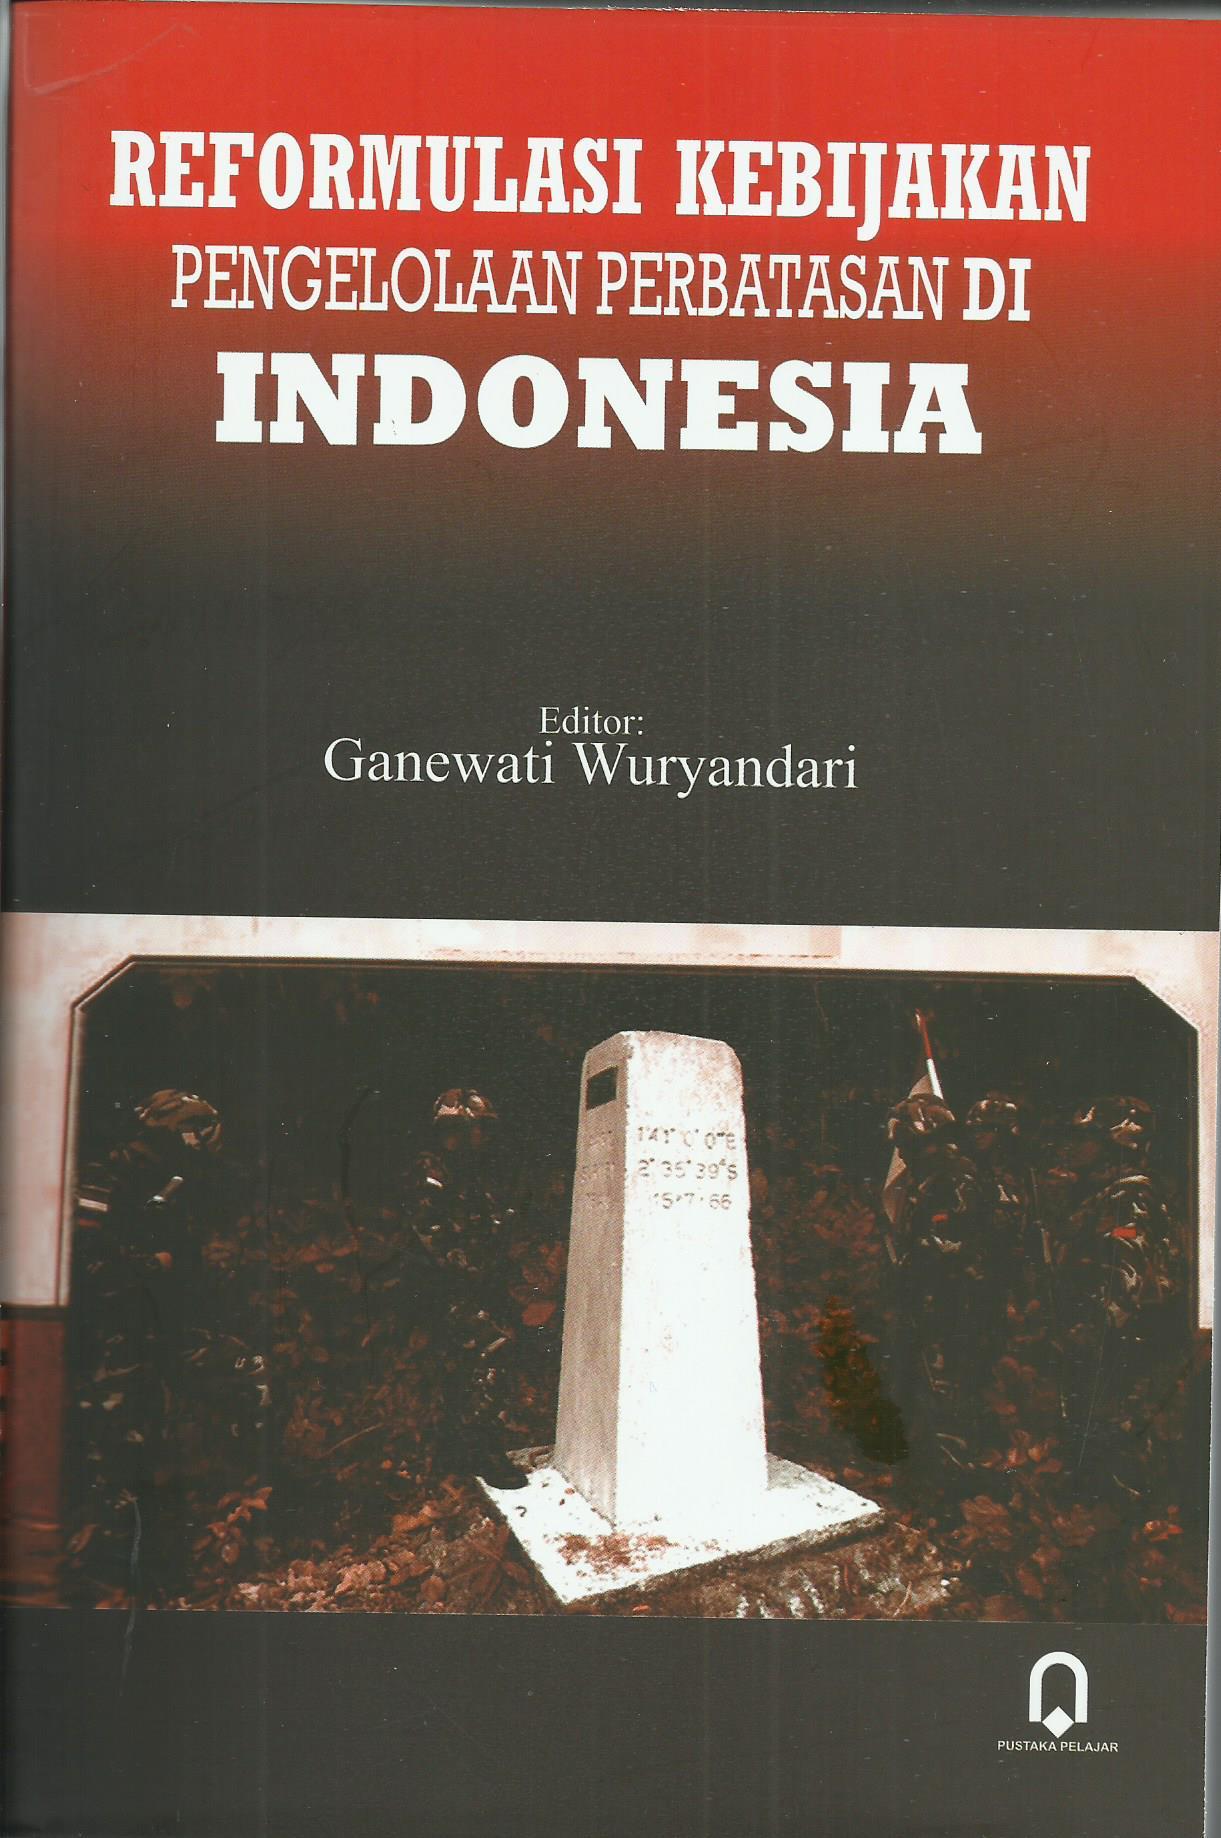 Reformulasi Kebijakan Pengelolaan Perbatasan Di Indonesia